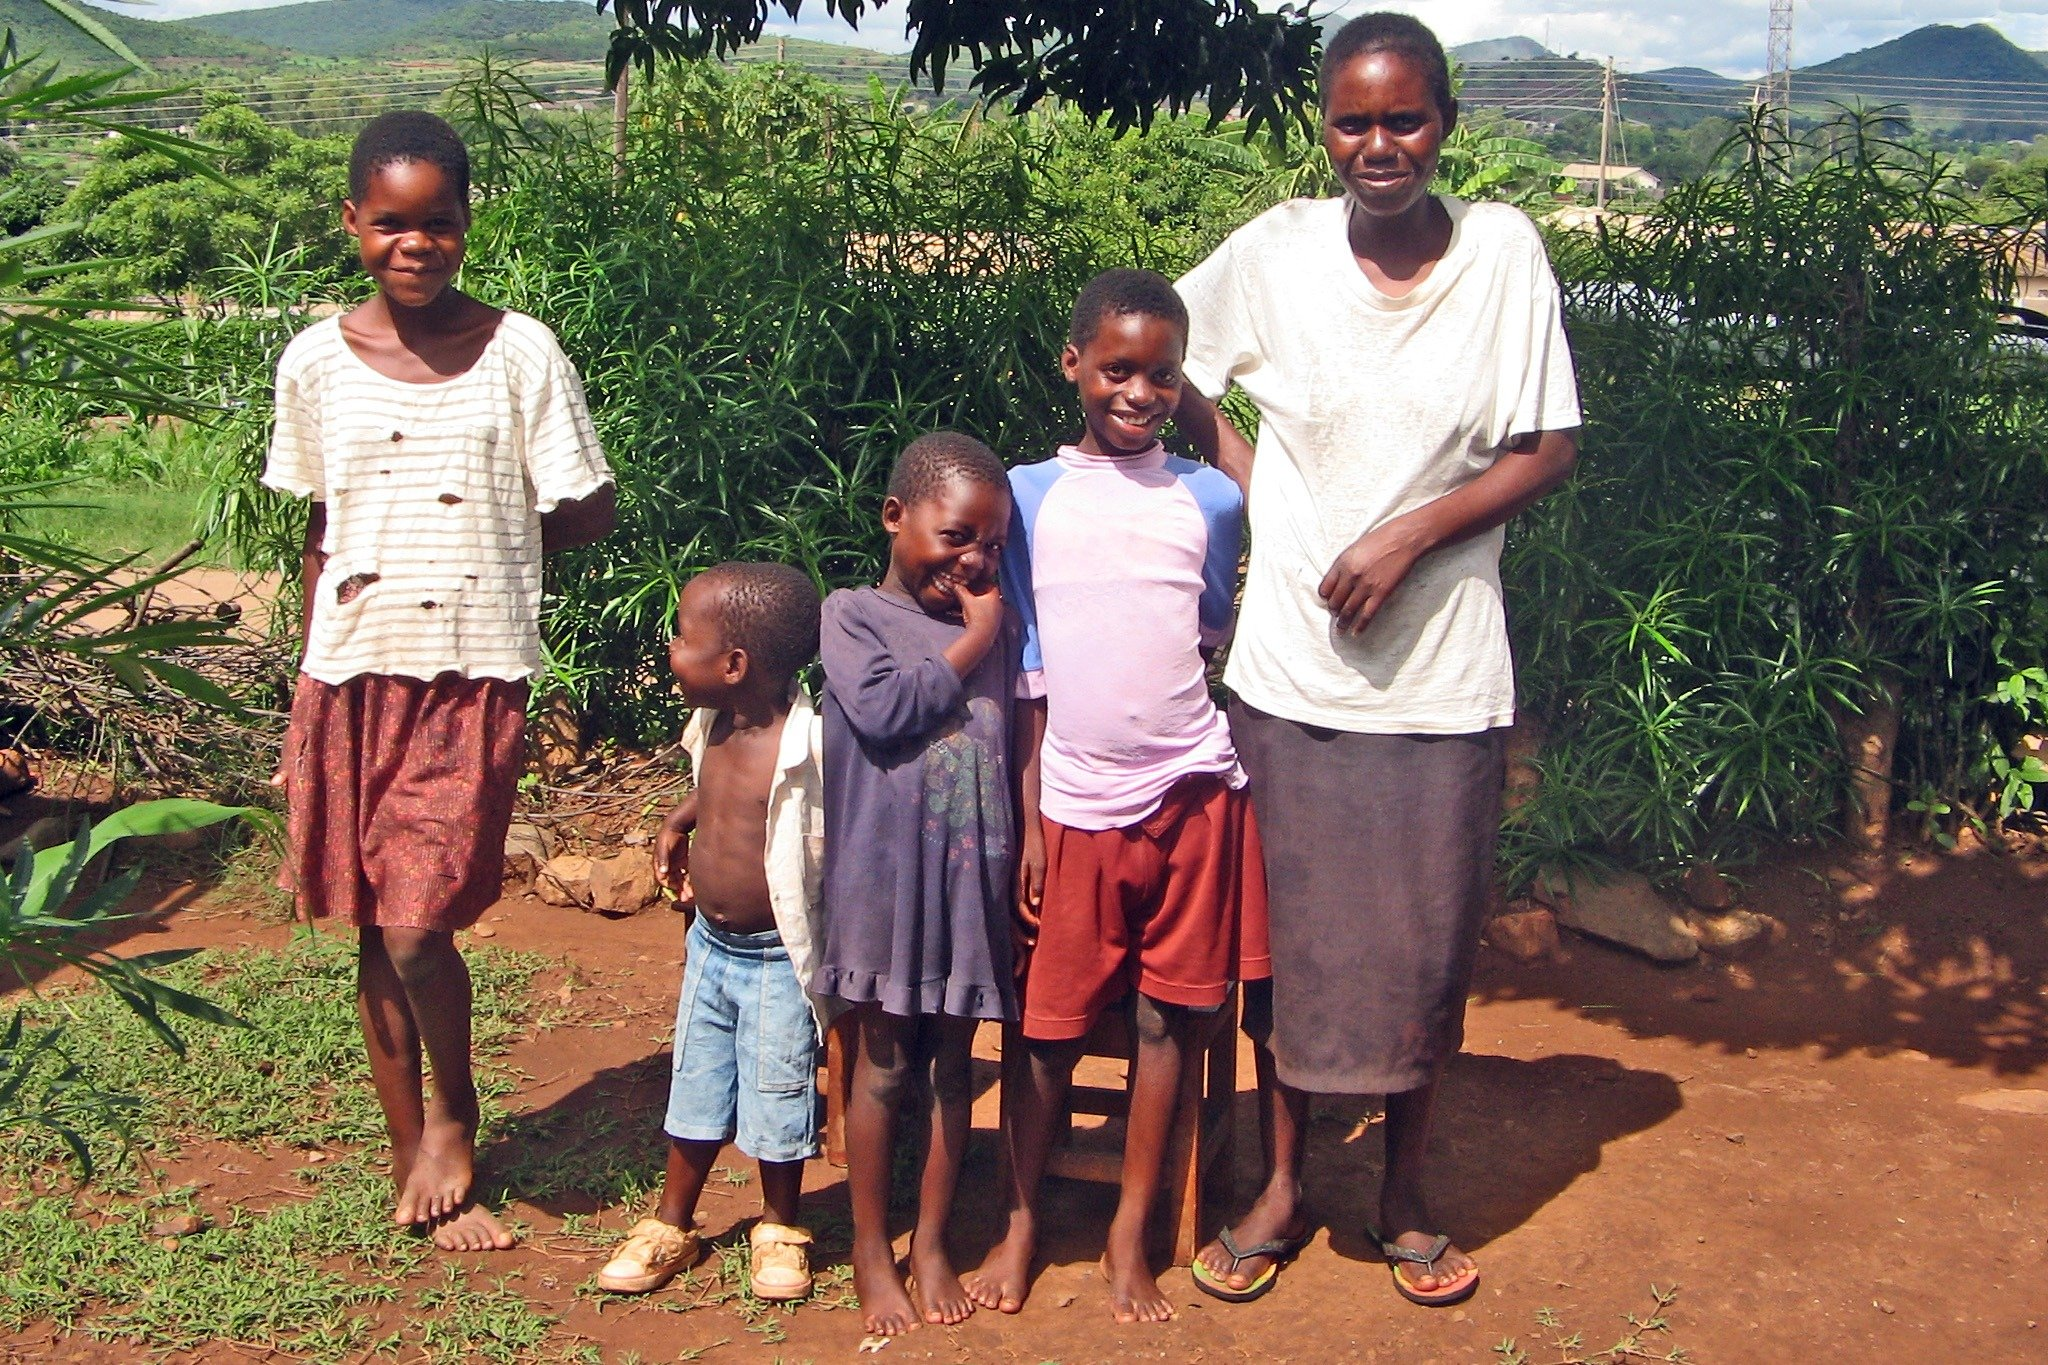 Familienstärkung: SOS-Kinderdorf unterstützt Familien, damit diese zusammenbleiben können.